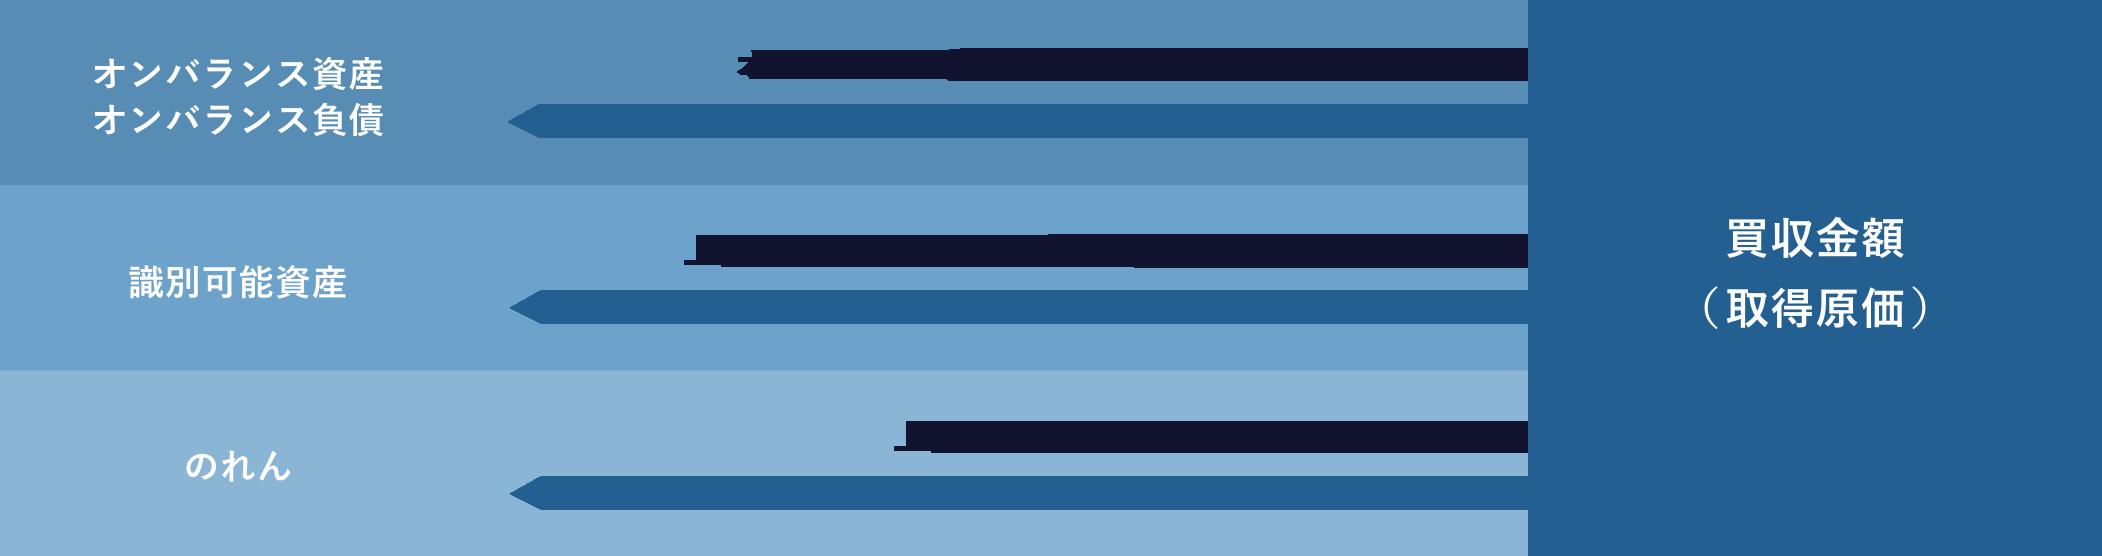 【取得原価配分の概念図】